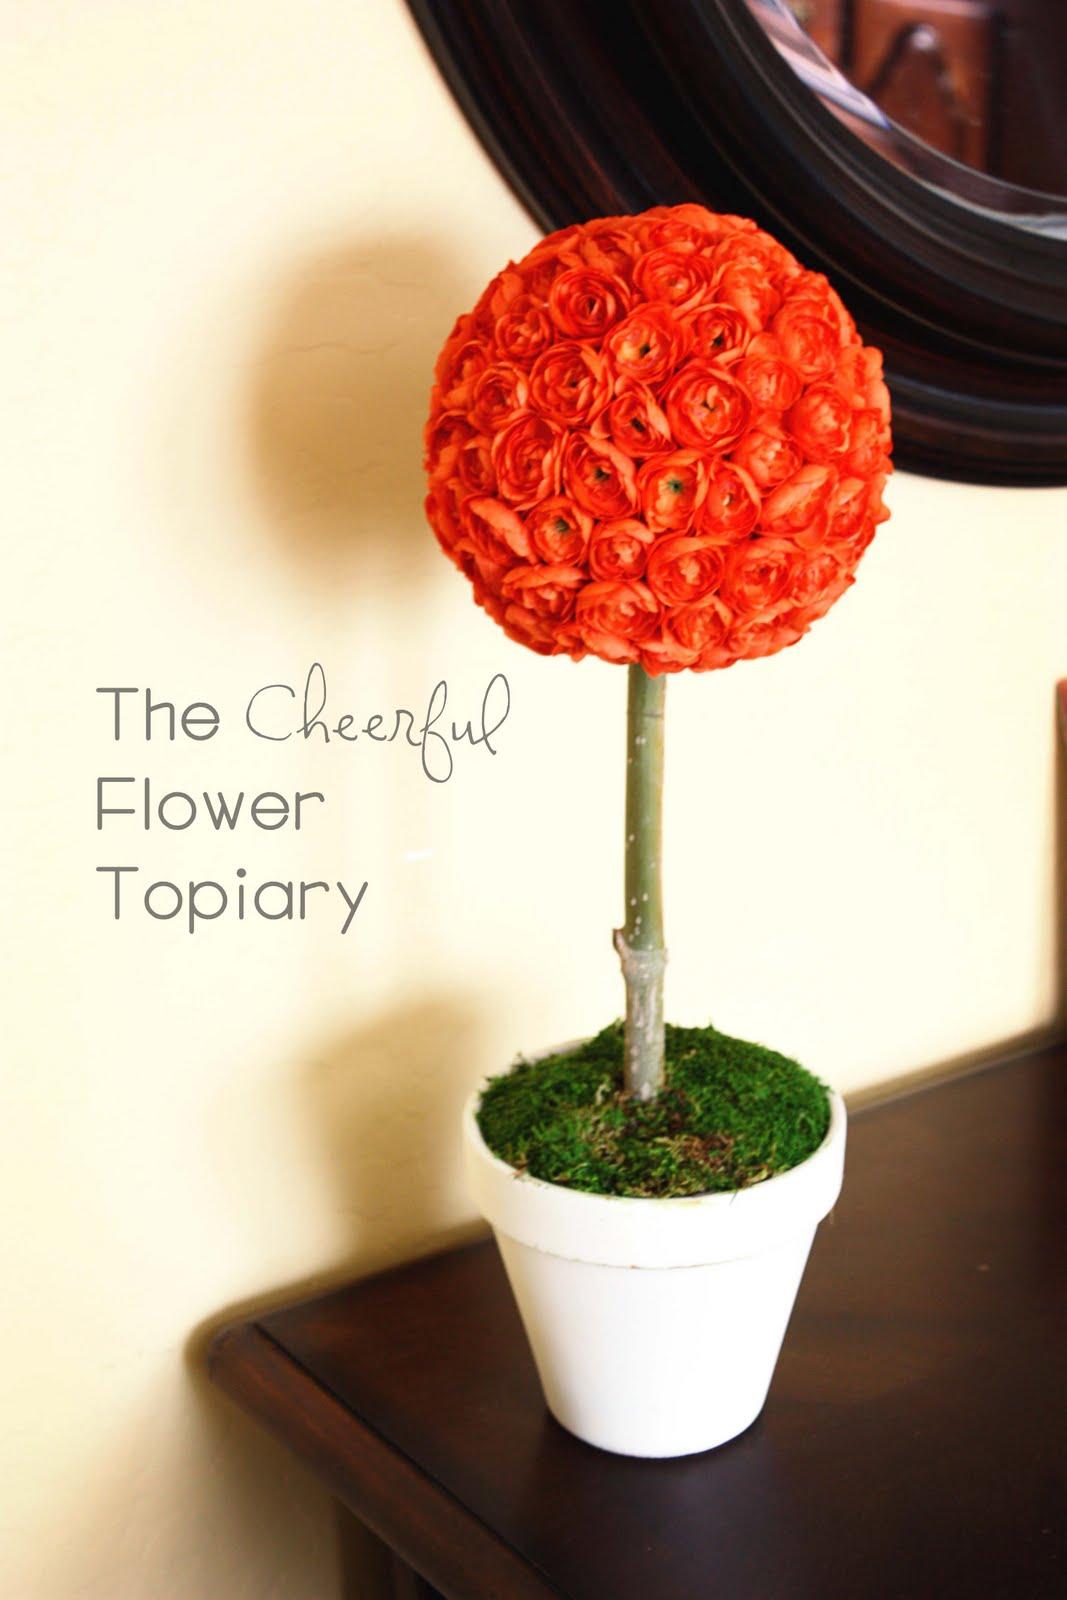 https://i2.wp.com/1.bp.blogspot.com/_RnXoW2W4kyI/TJtqAdG-EMI/AAAAAAAABTs/b_Ugl21GbmY/s1600/Flower+Topiary.jpg